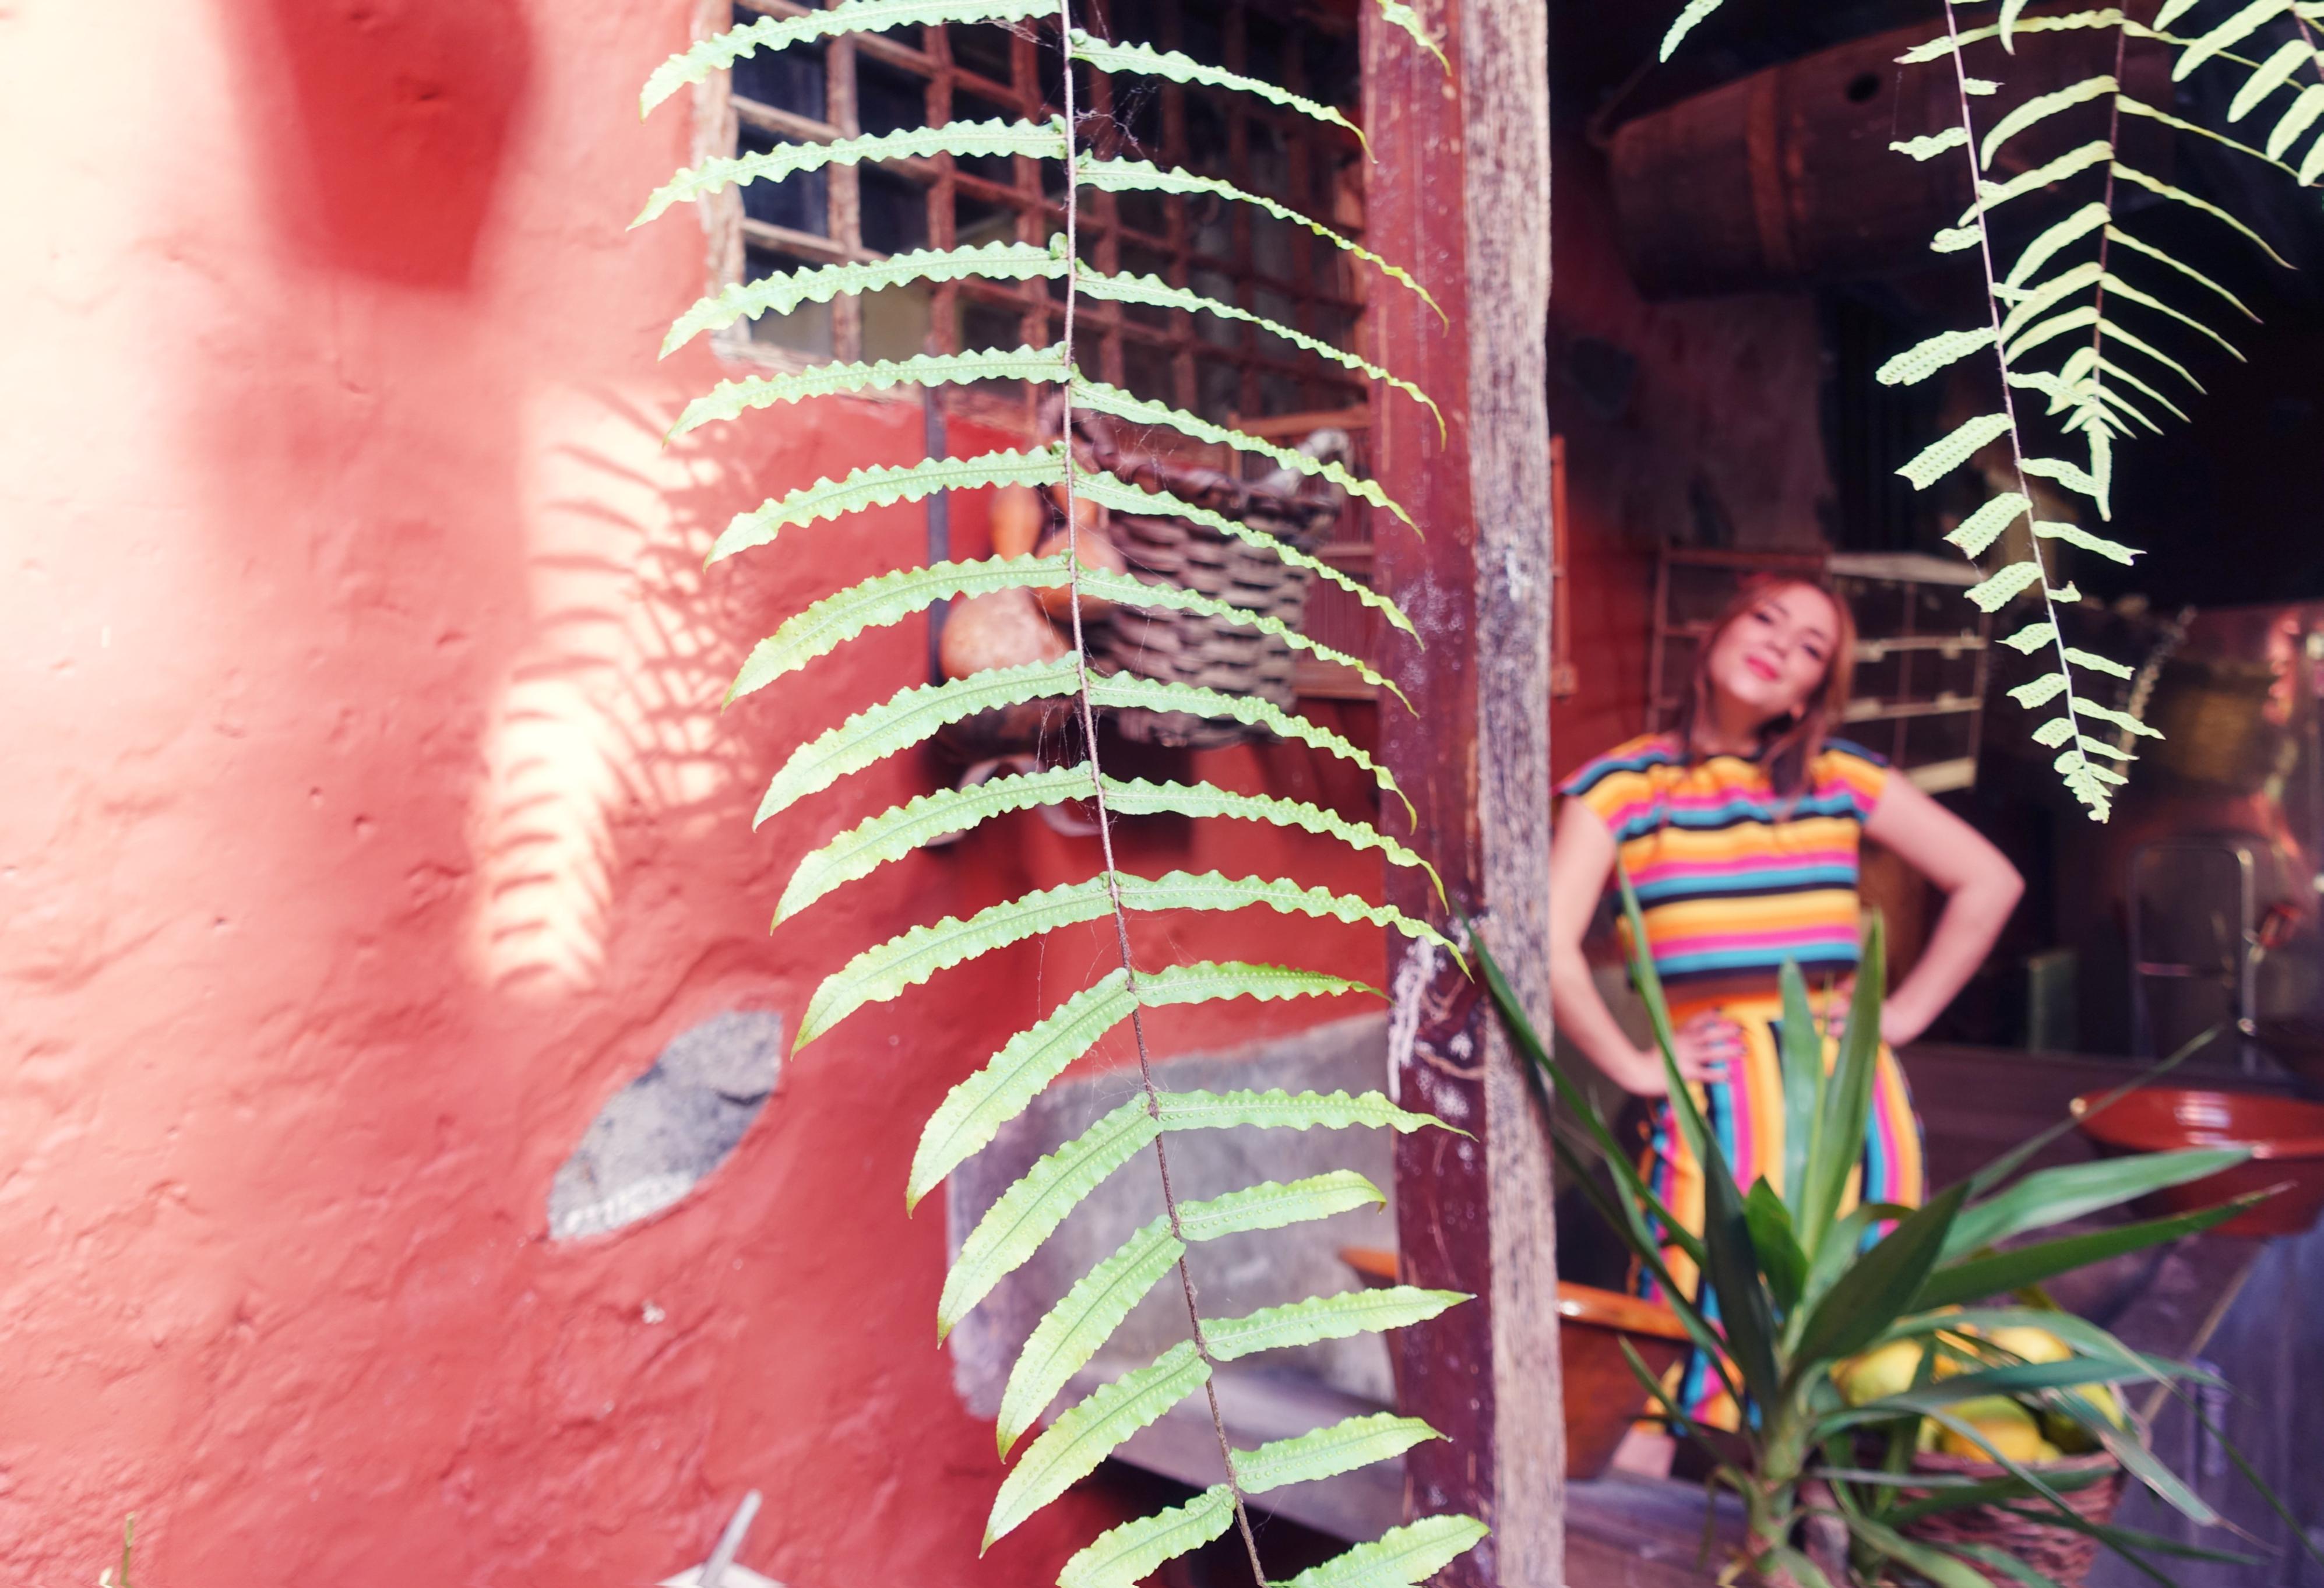 Blog-de-moda-canario-PiensaenChic-fashionista-ChicAdicta-influencer-Tenerife-Vestidos-ana-de-valle-canaria-style-chic-adicta-Piensa-en-Chic